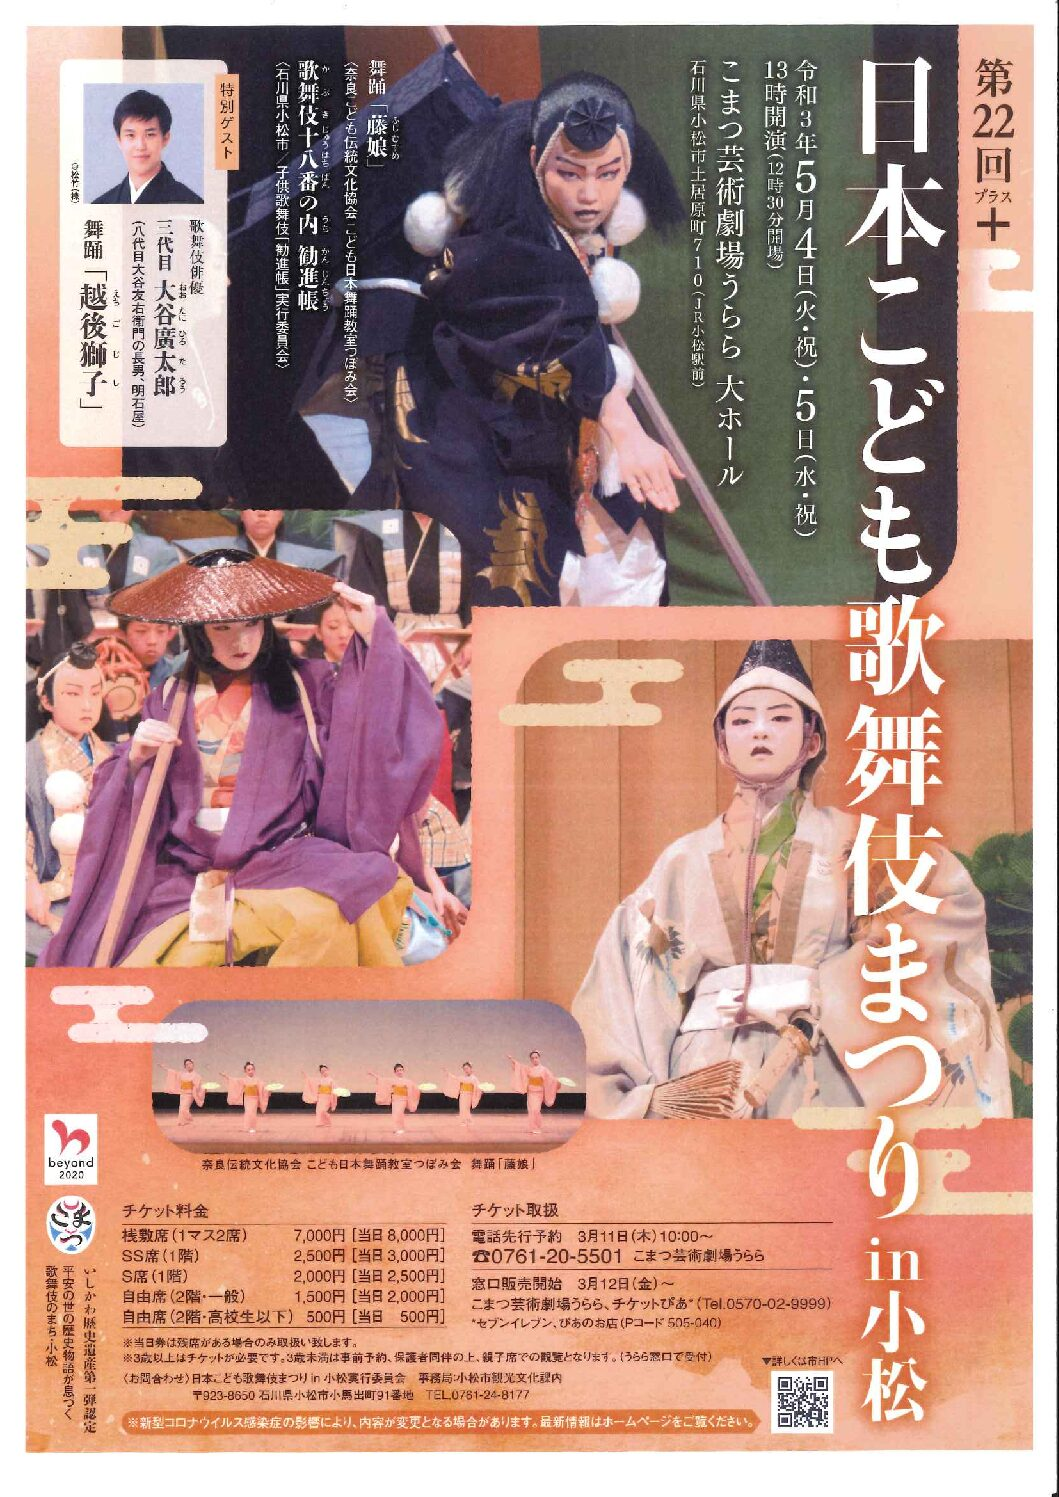 2021年4月の催物|石川県こまつ芸術劇場うらら